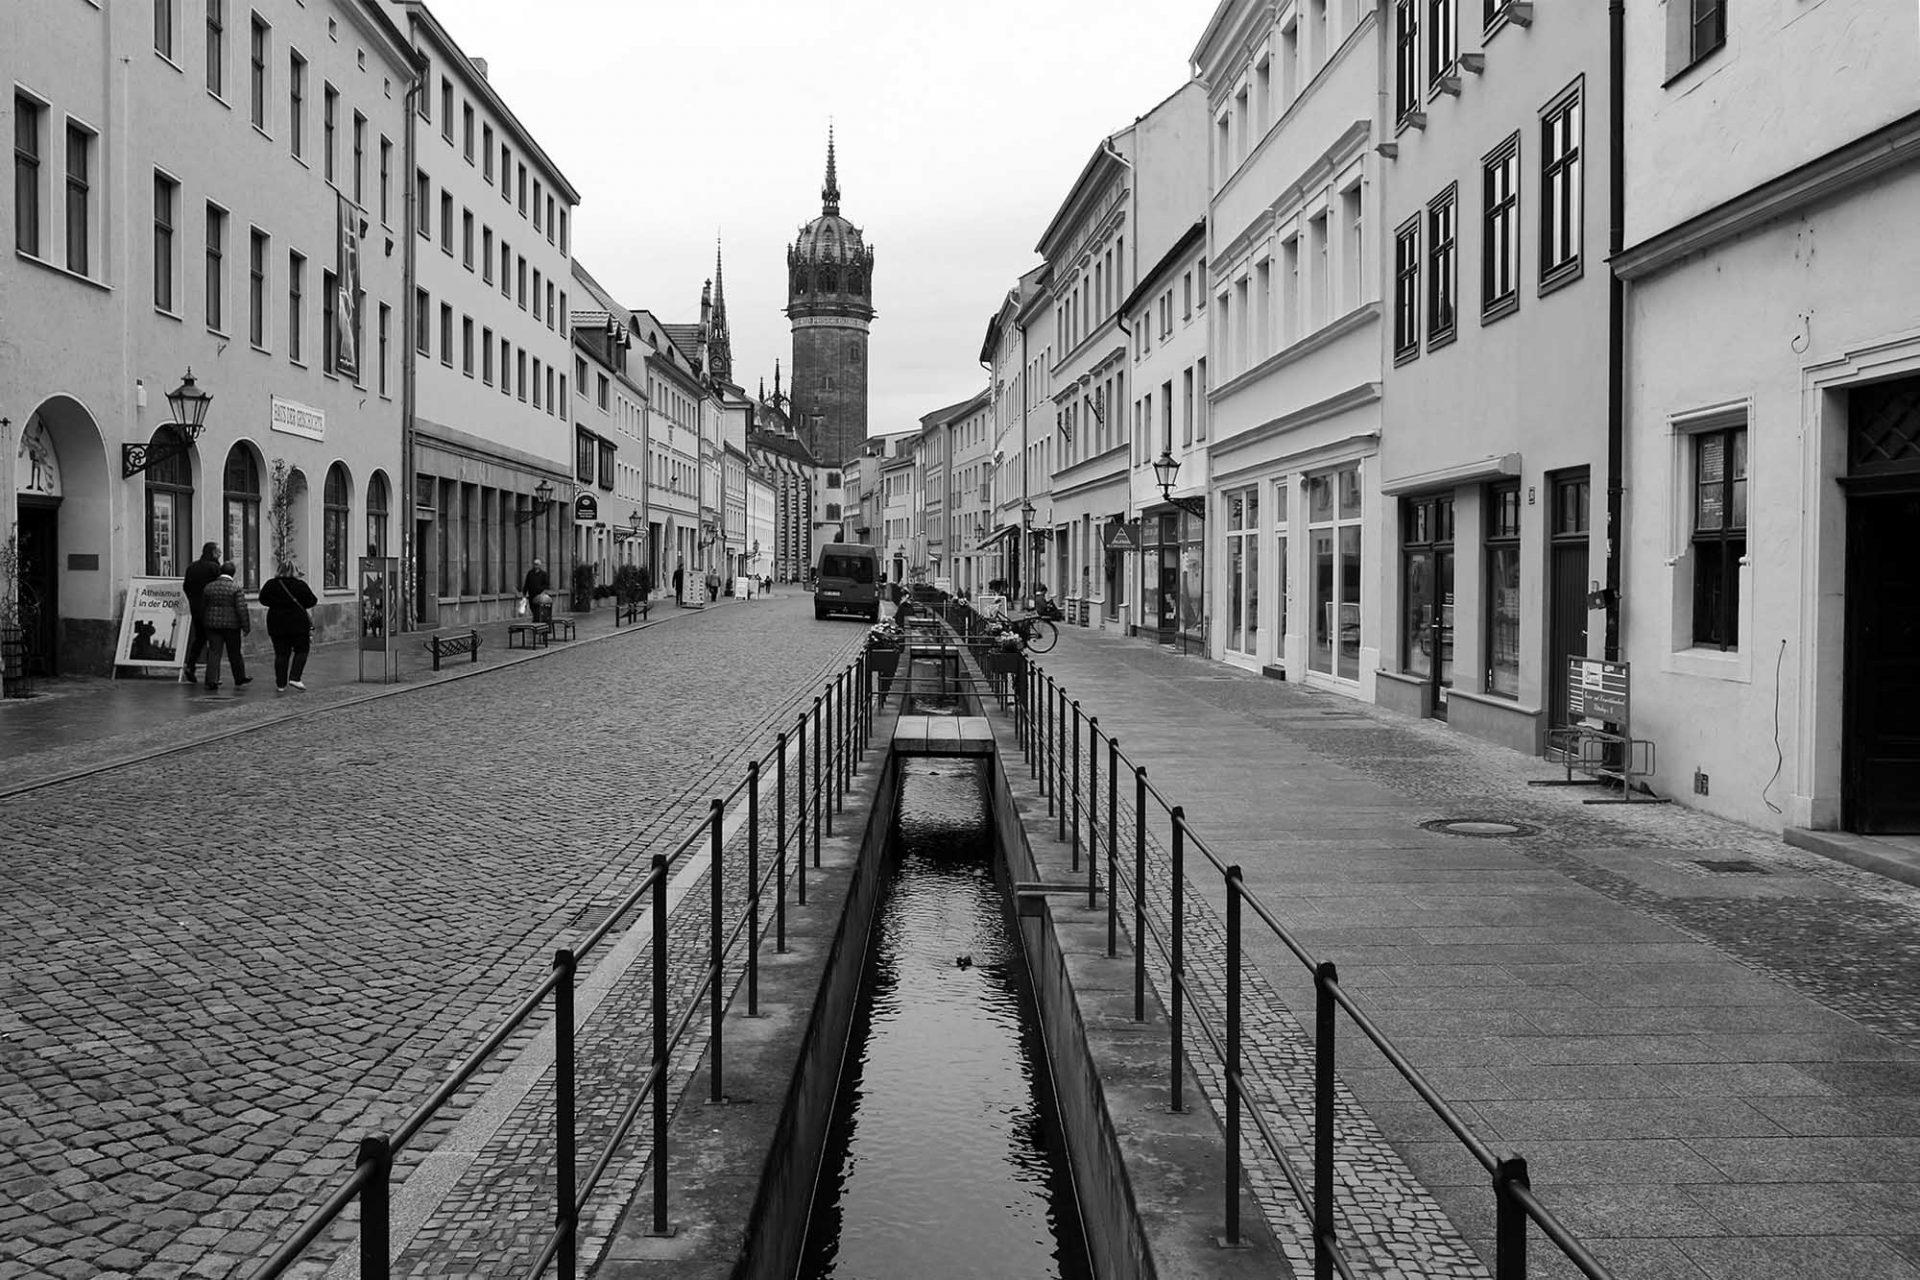 Stadtansichten. Es plätschert und rauscht. Die historischen Bäche wurden wieder offengelegt. Geranien begrünen deren Geländer.